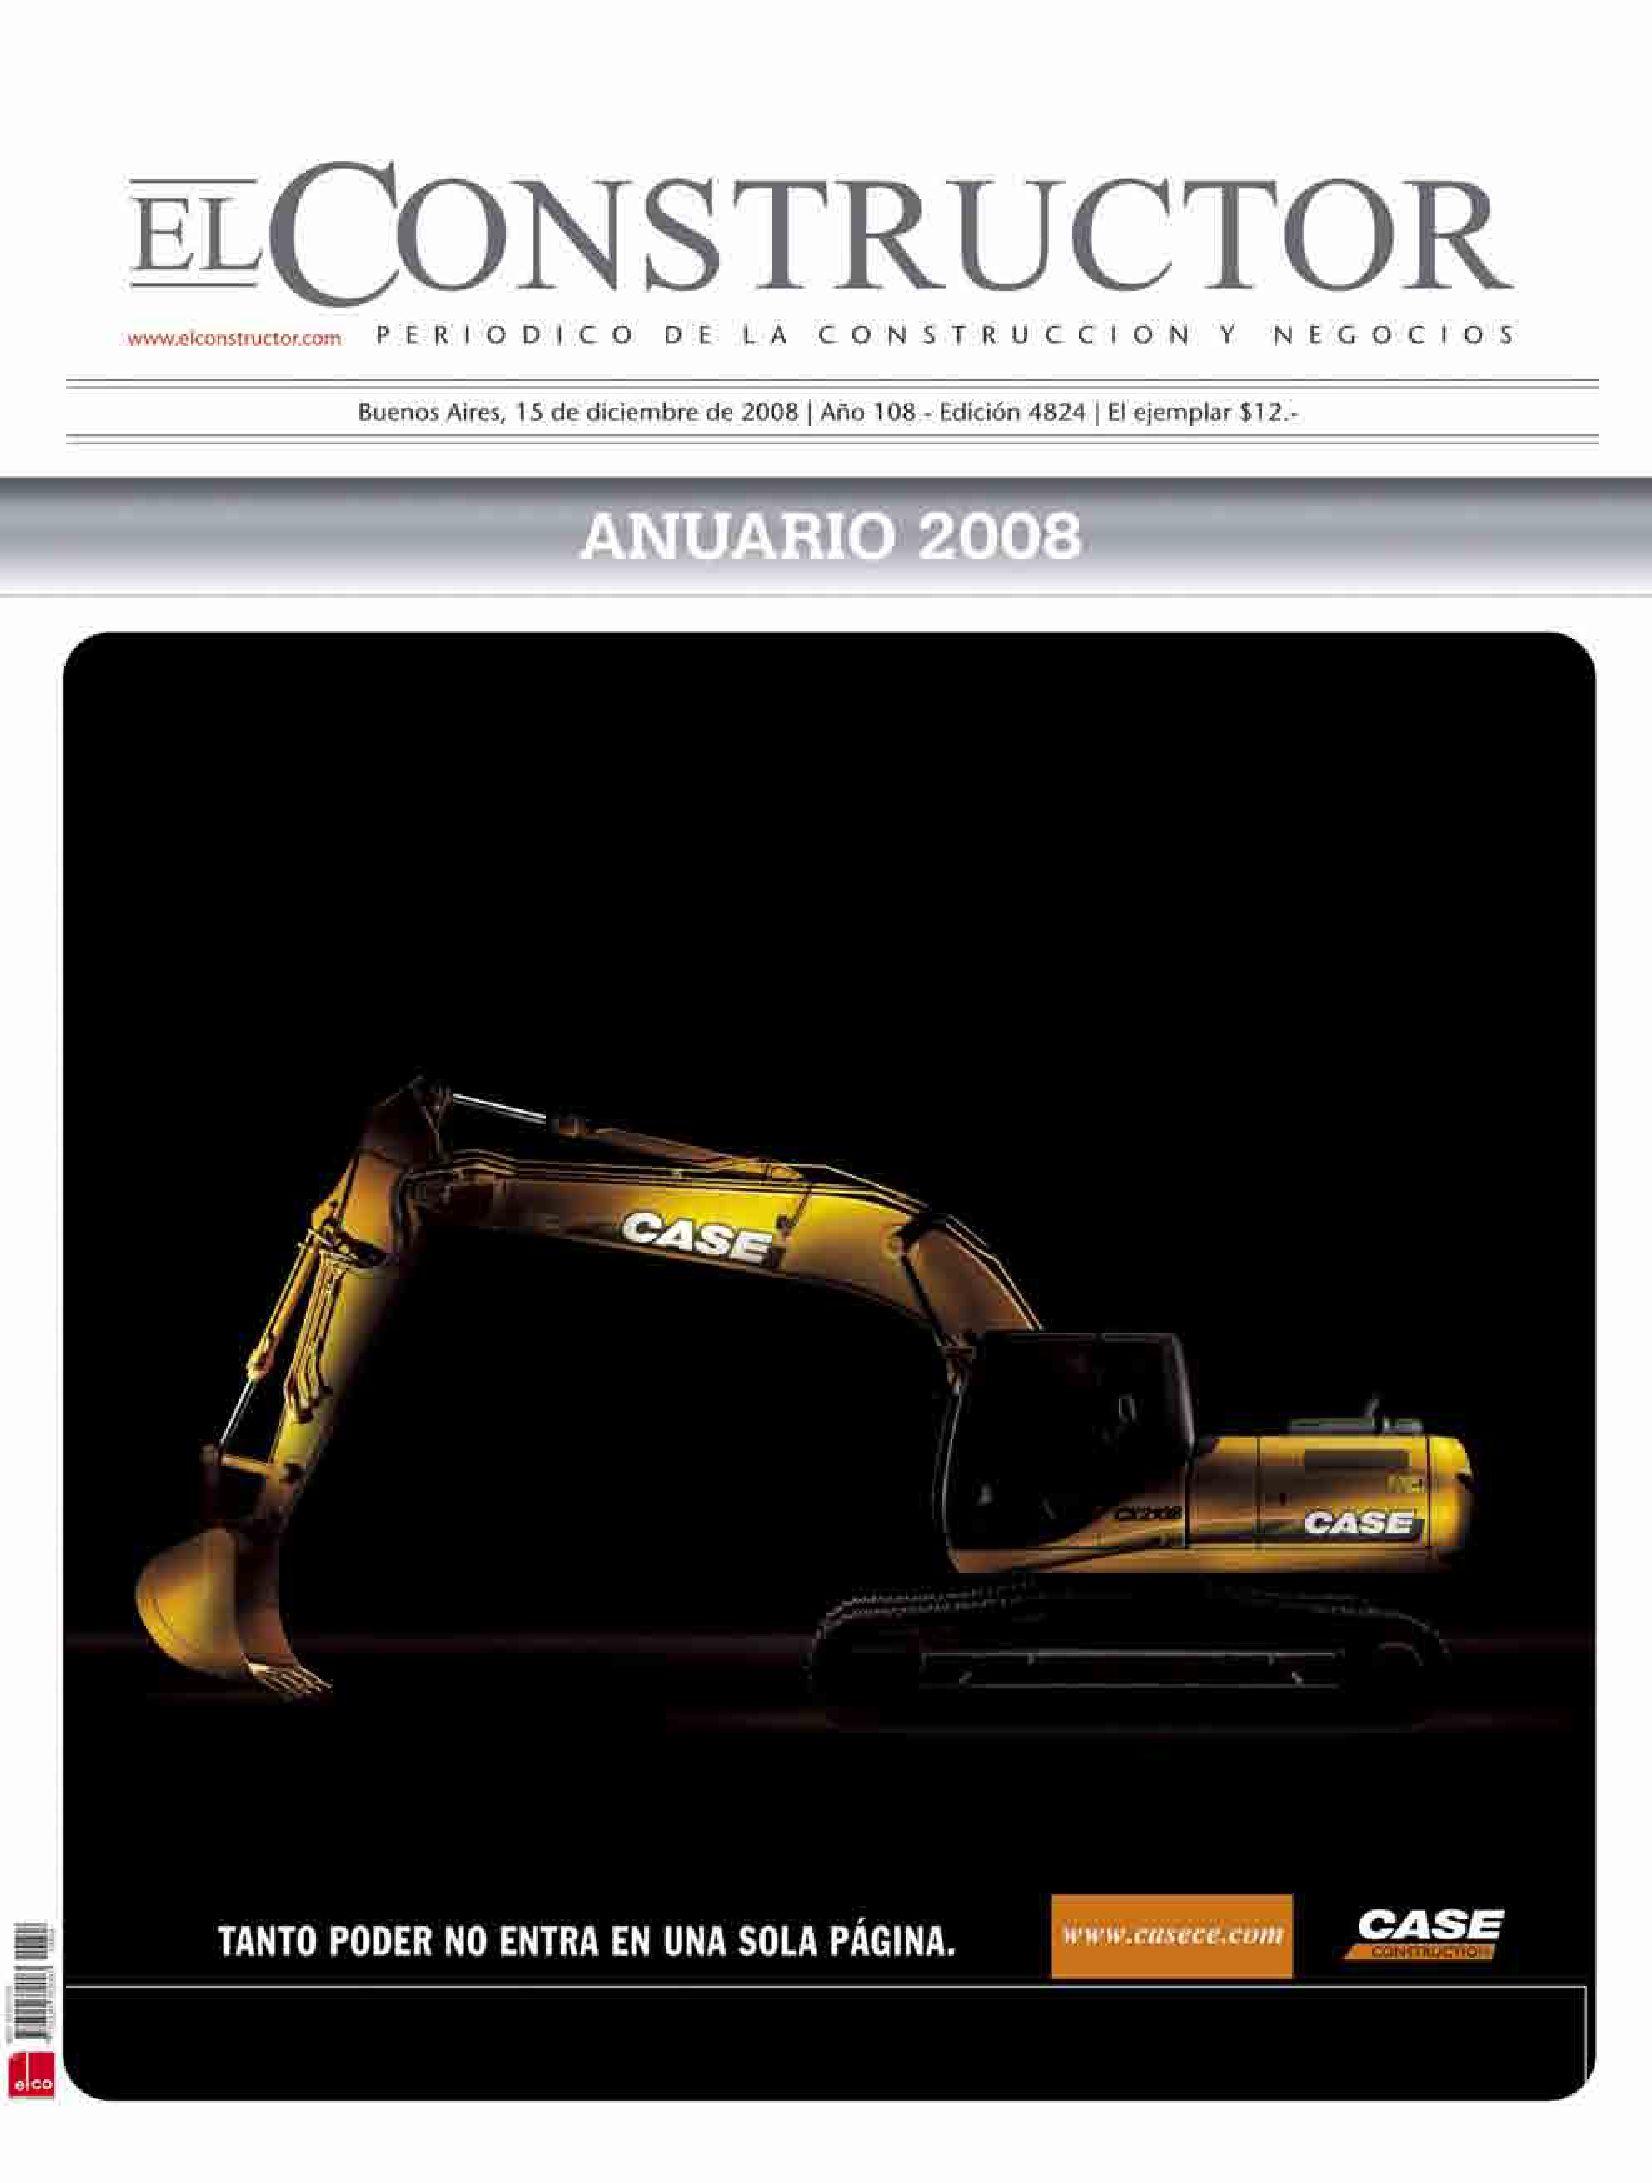 EL CONSTRUCTOR | ANUARIO 2008 by ELCO Editores - issuu